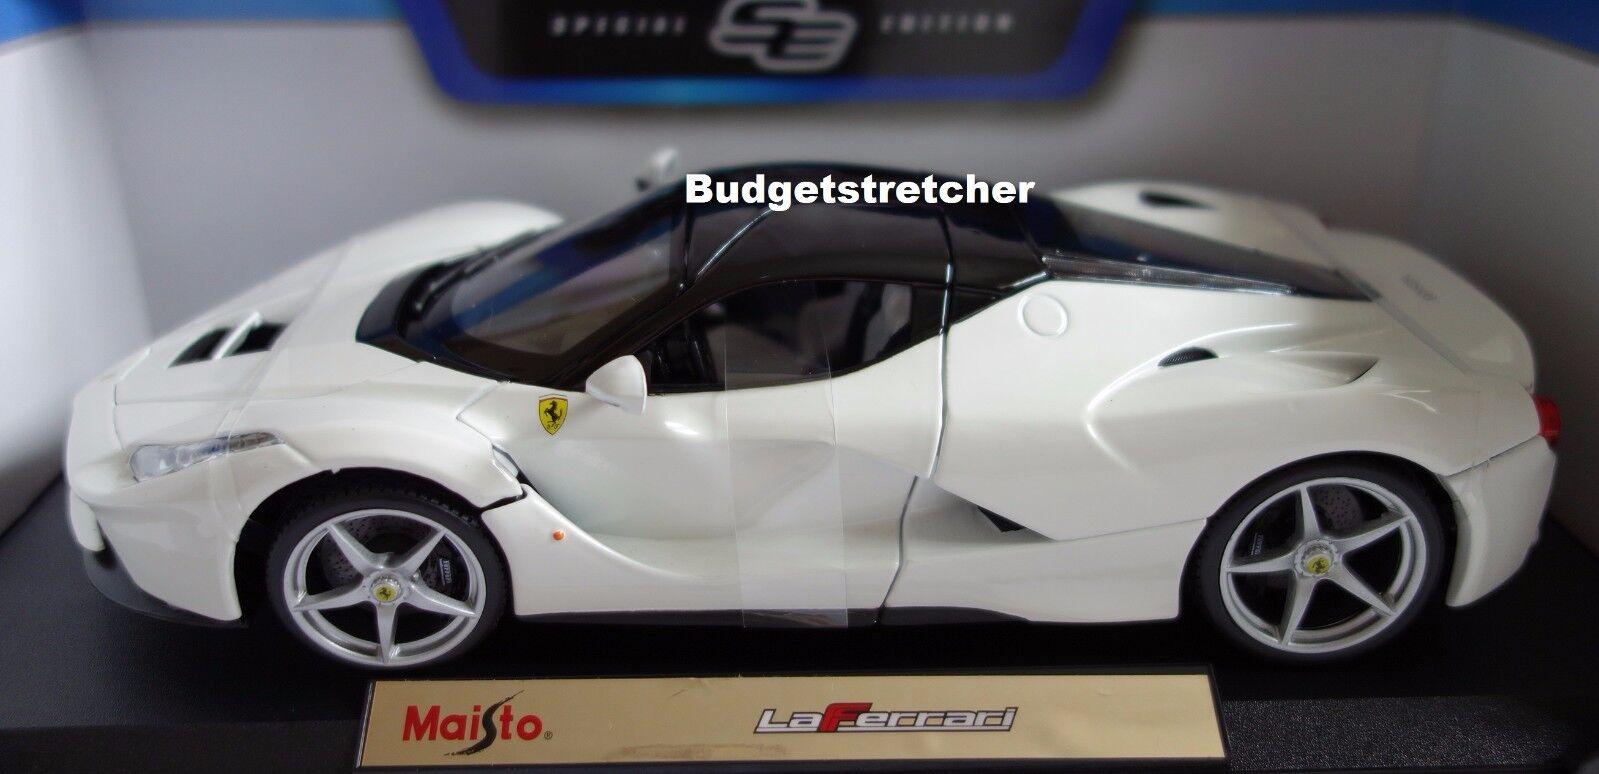 NEW MAISTO 1 18 Special Edition Diecast Car - LaFerrari La Ferrari in White RARE